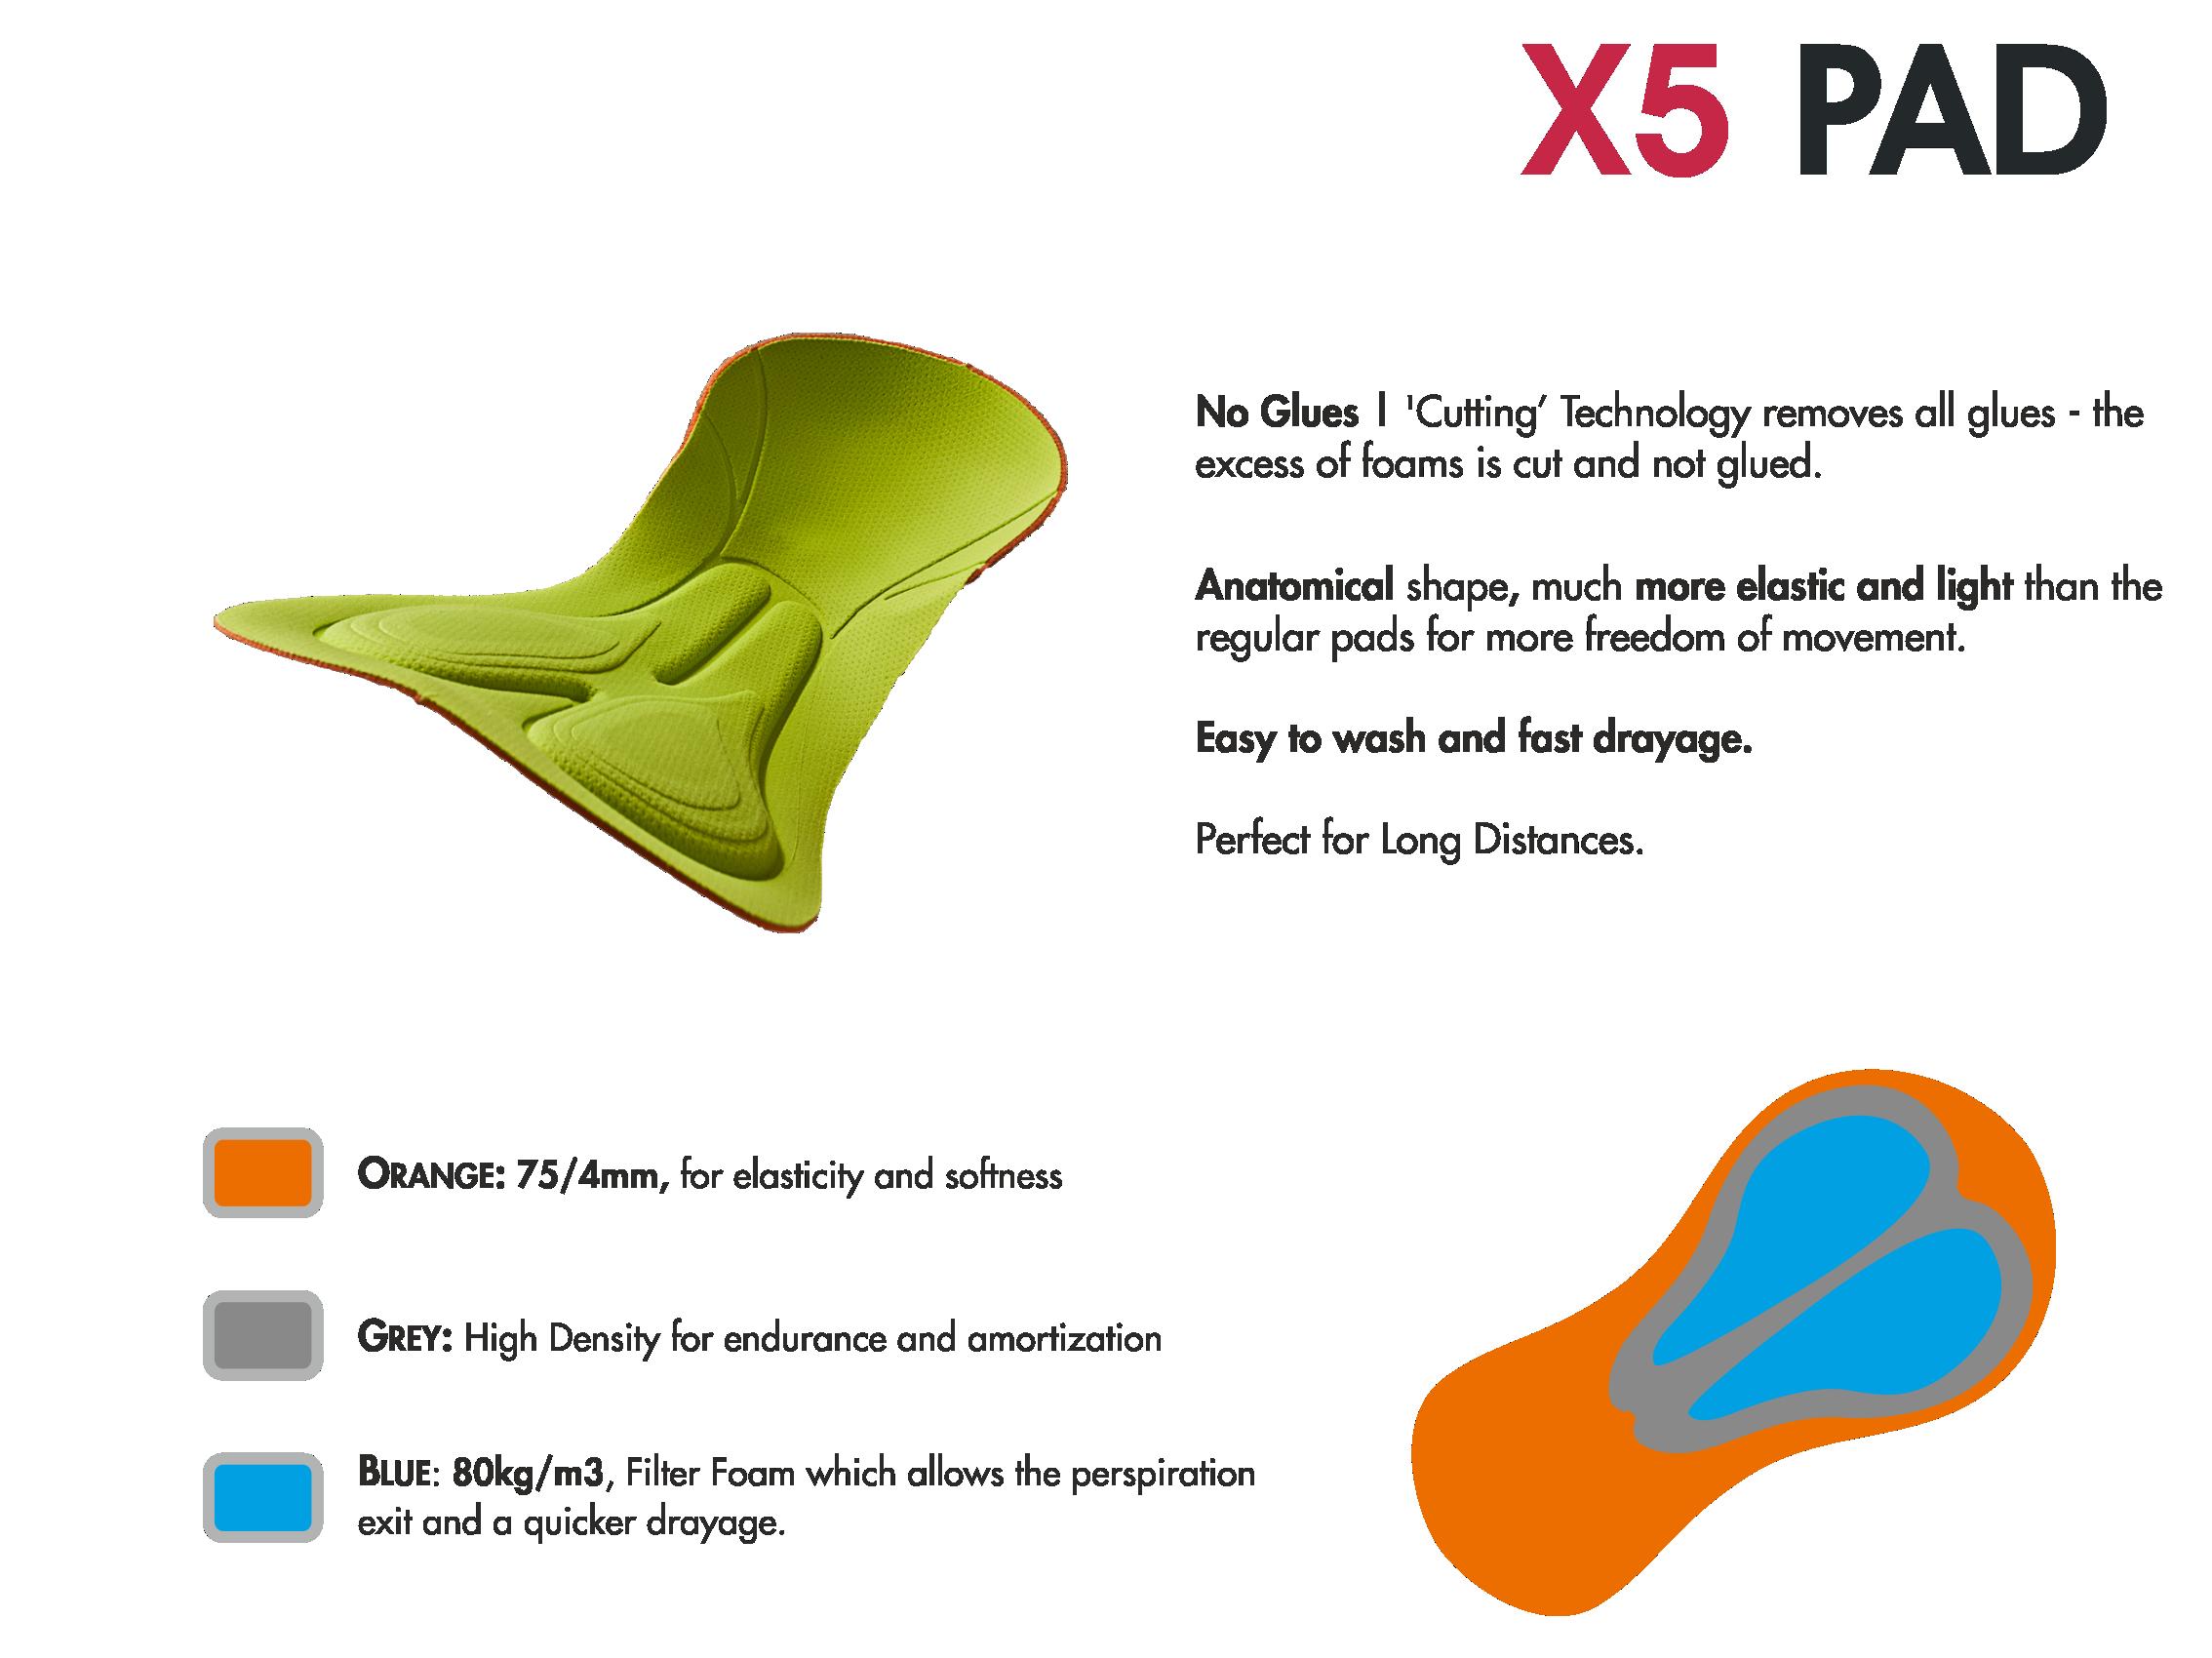 X5 Pad